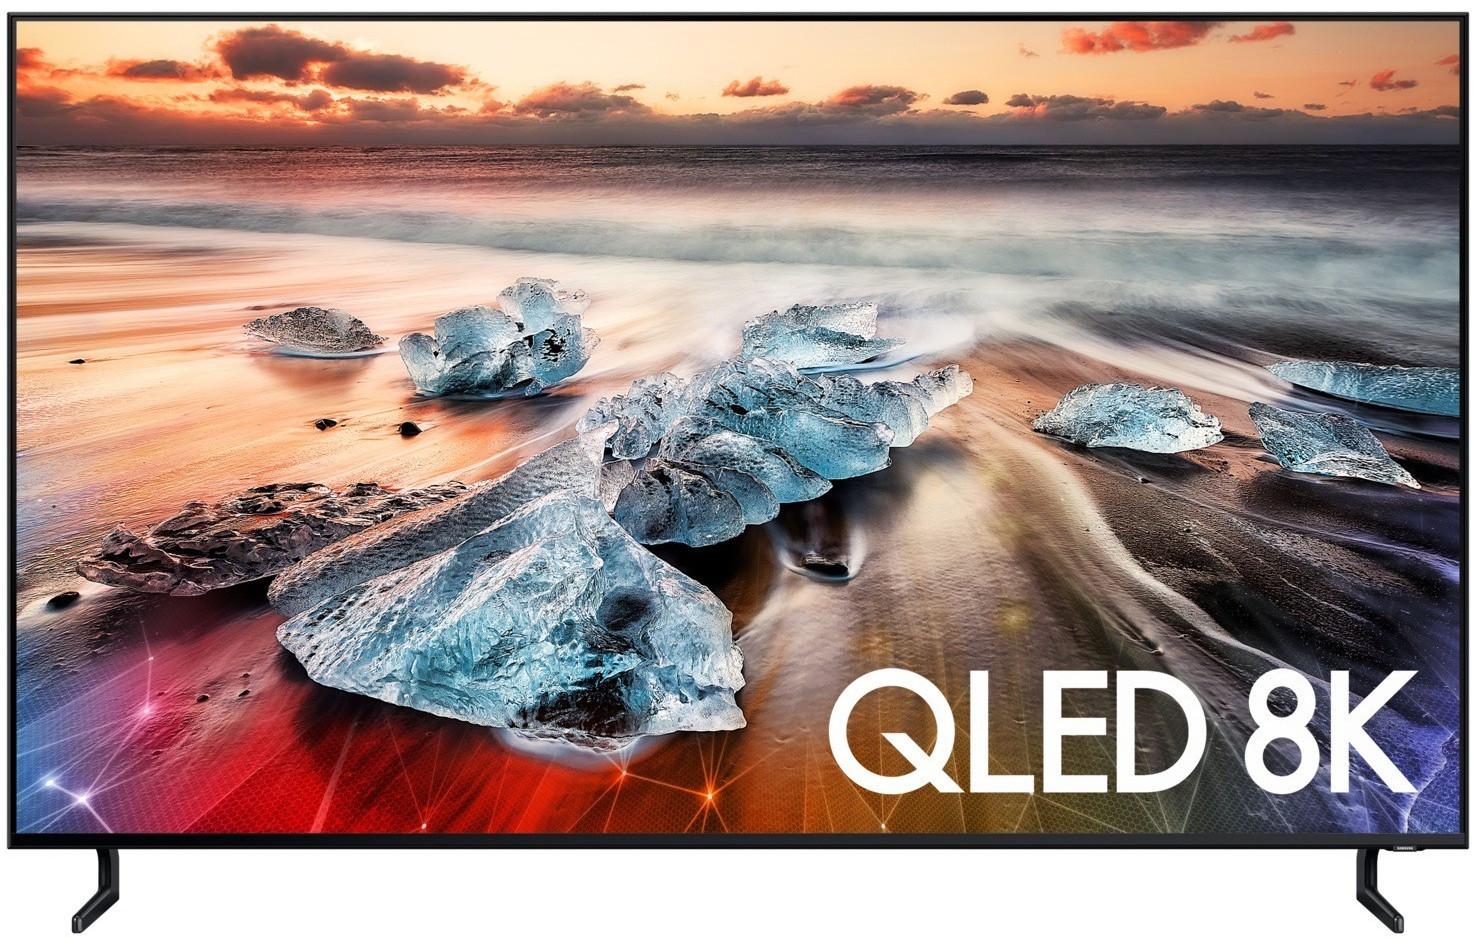 """TV 55"""" Samsung QE55Q950R - 8K UHD, QLED, Smart TV (via ODR de 1000€)"""